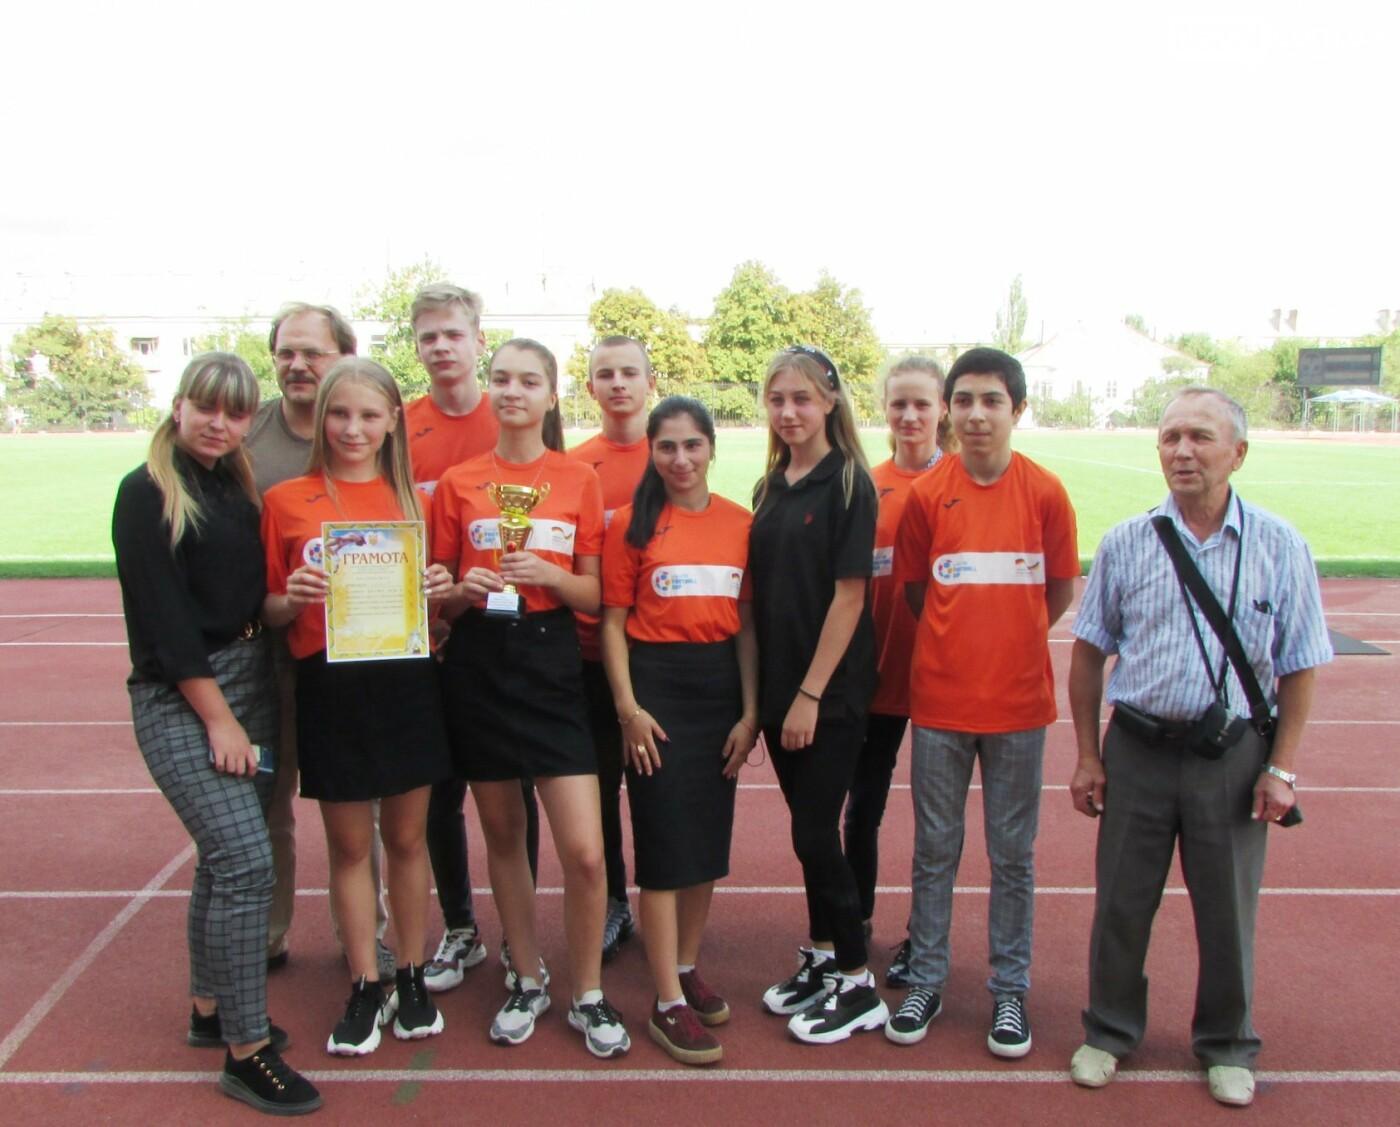 160 Бахмутских учащихся и студентов посвятили свои спортивные достижения Дню физической культуры и спорта, фото-9